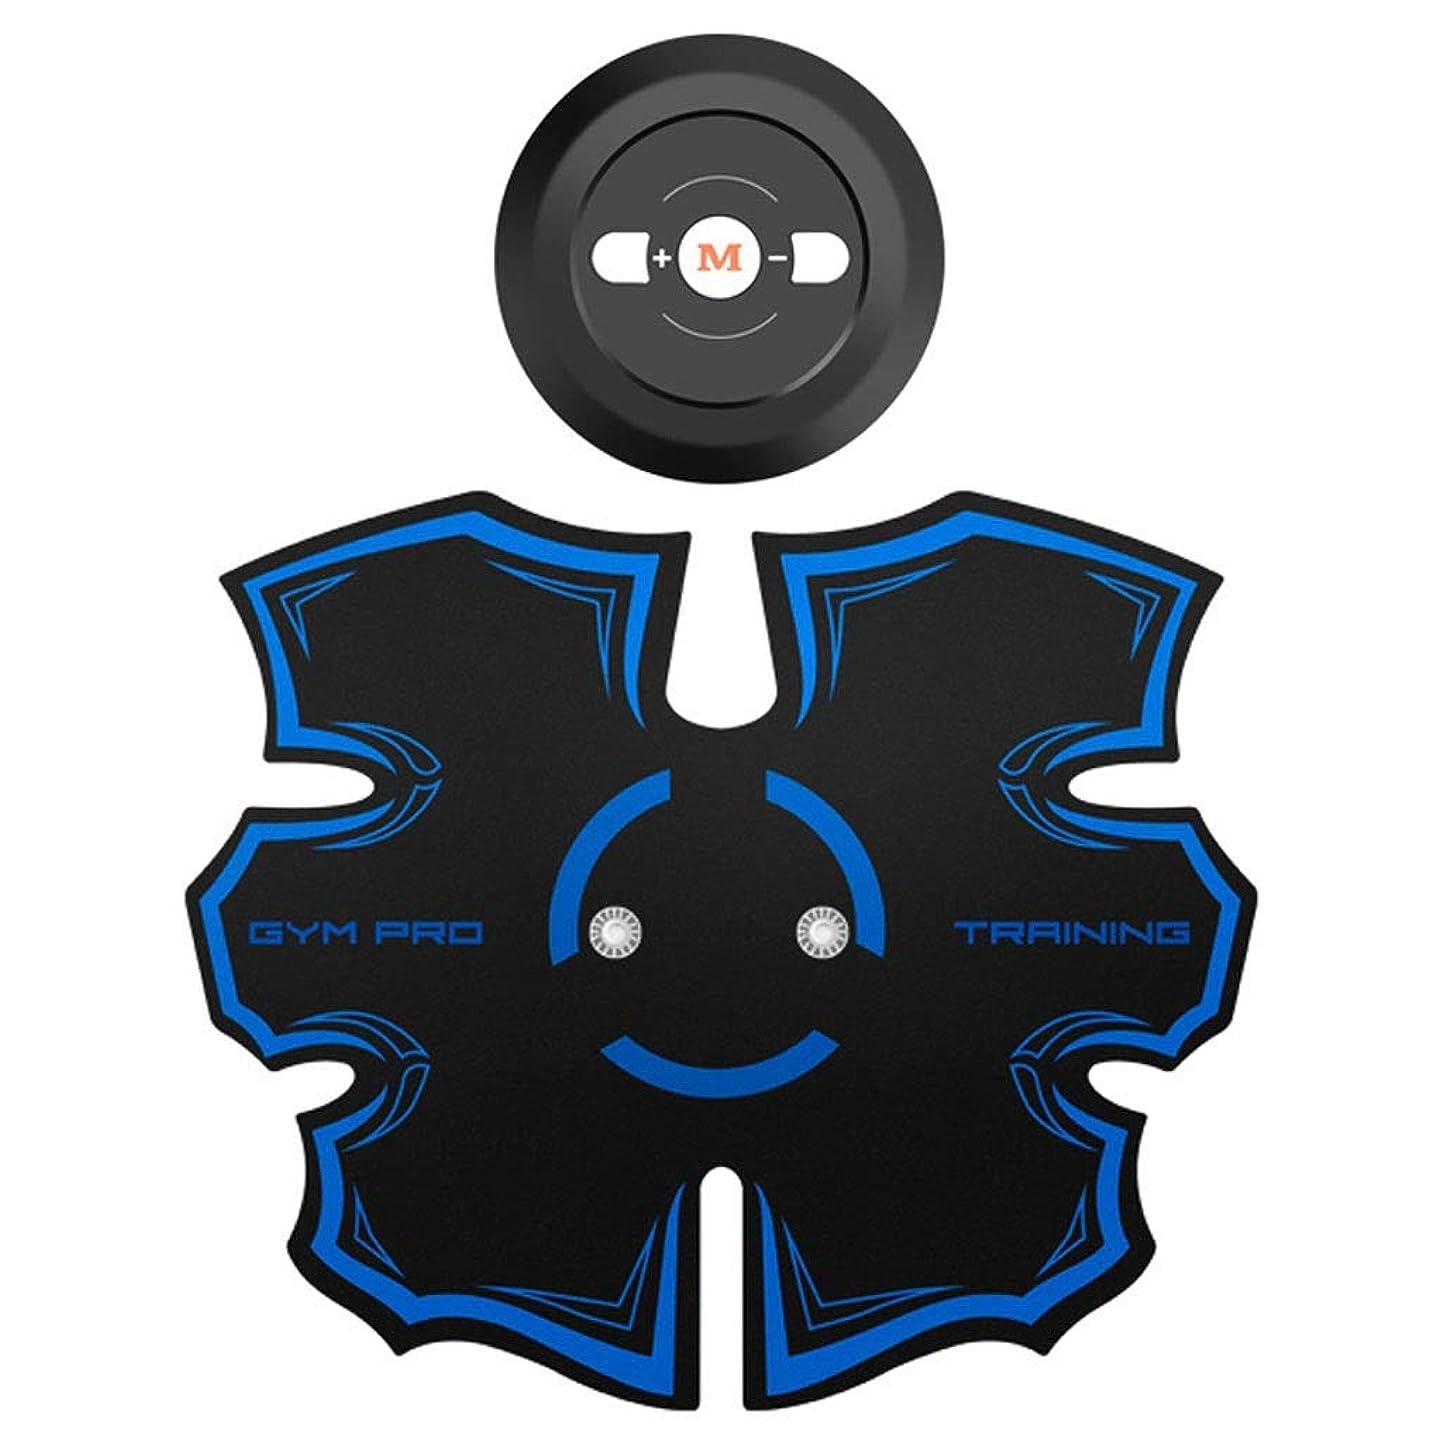 EMS筋肉刺激装置、腹筋トレーナー腹部調色ベルト筋肉トナージムトレーニングとホームフィットネス機器用男性&女性、エクストラ (Color : Blue, Size : Belly paste)